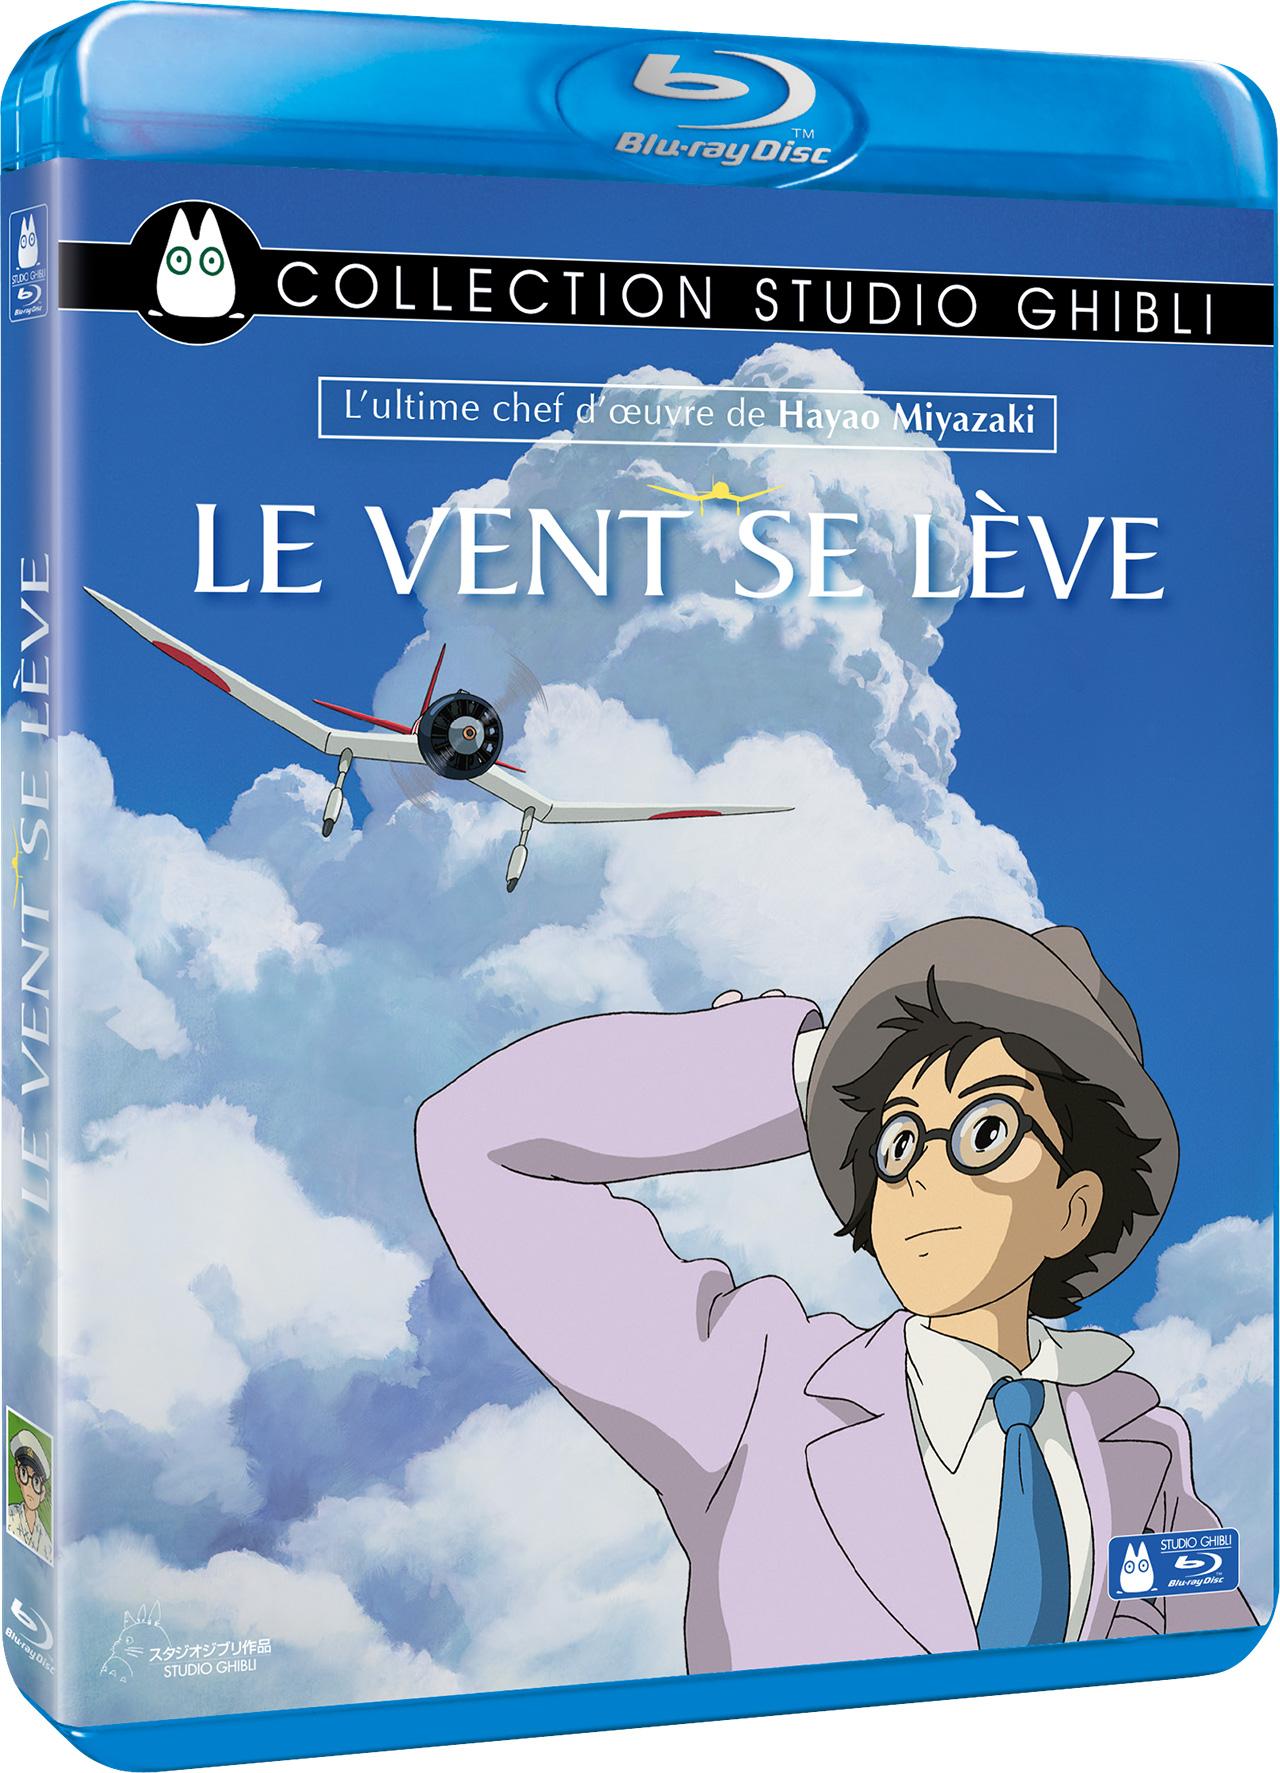 Le vent se lève de Hayao Miyazaki - Blu-ray